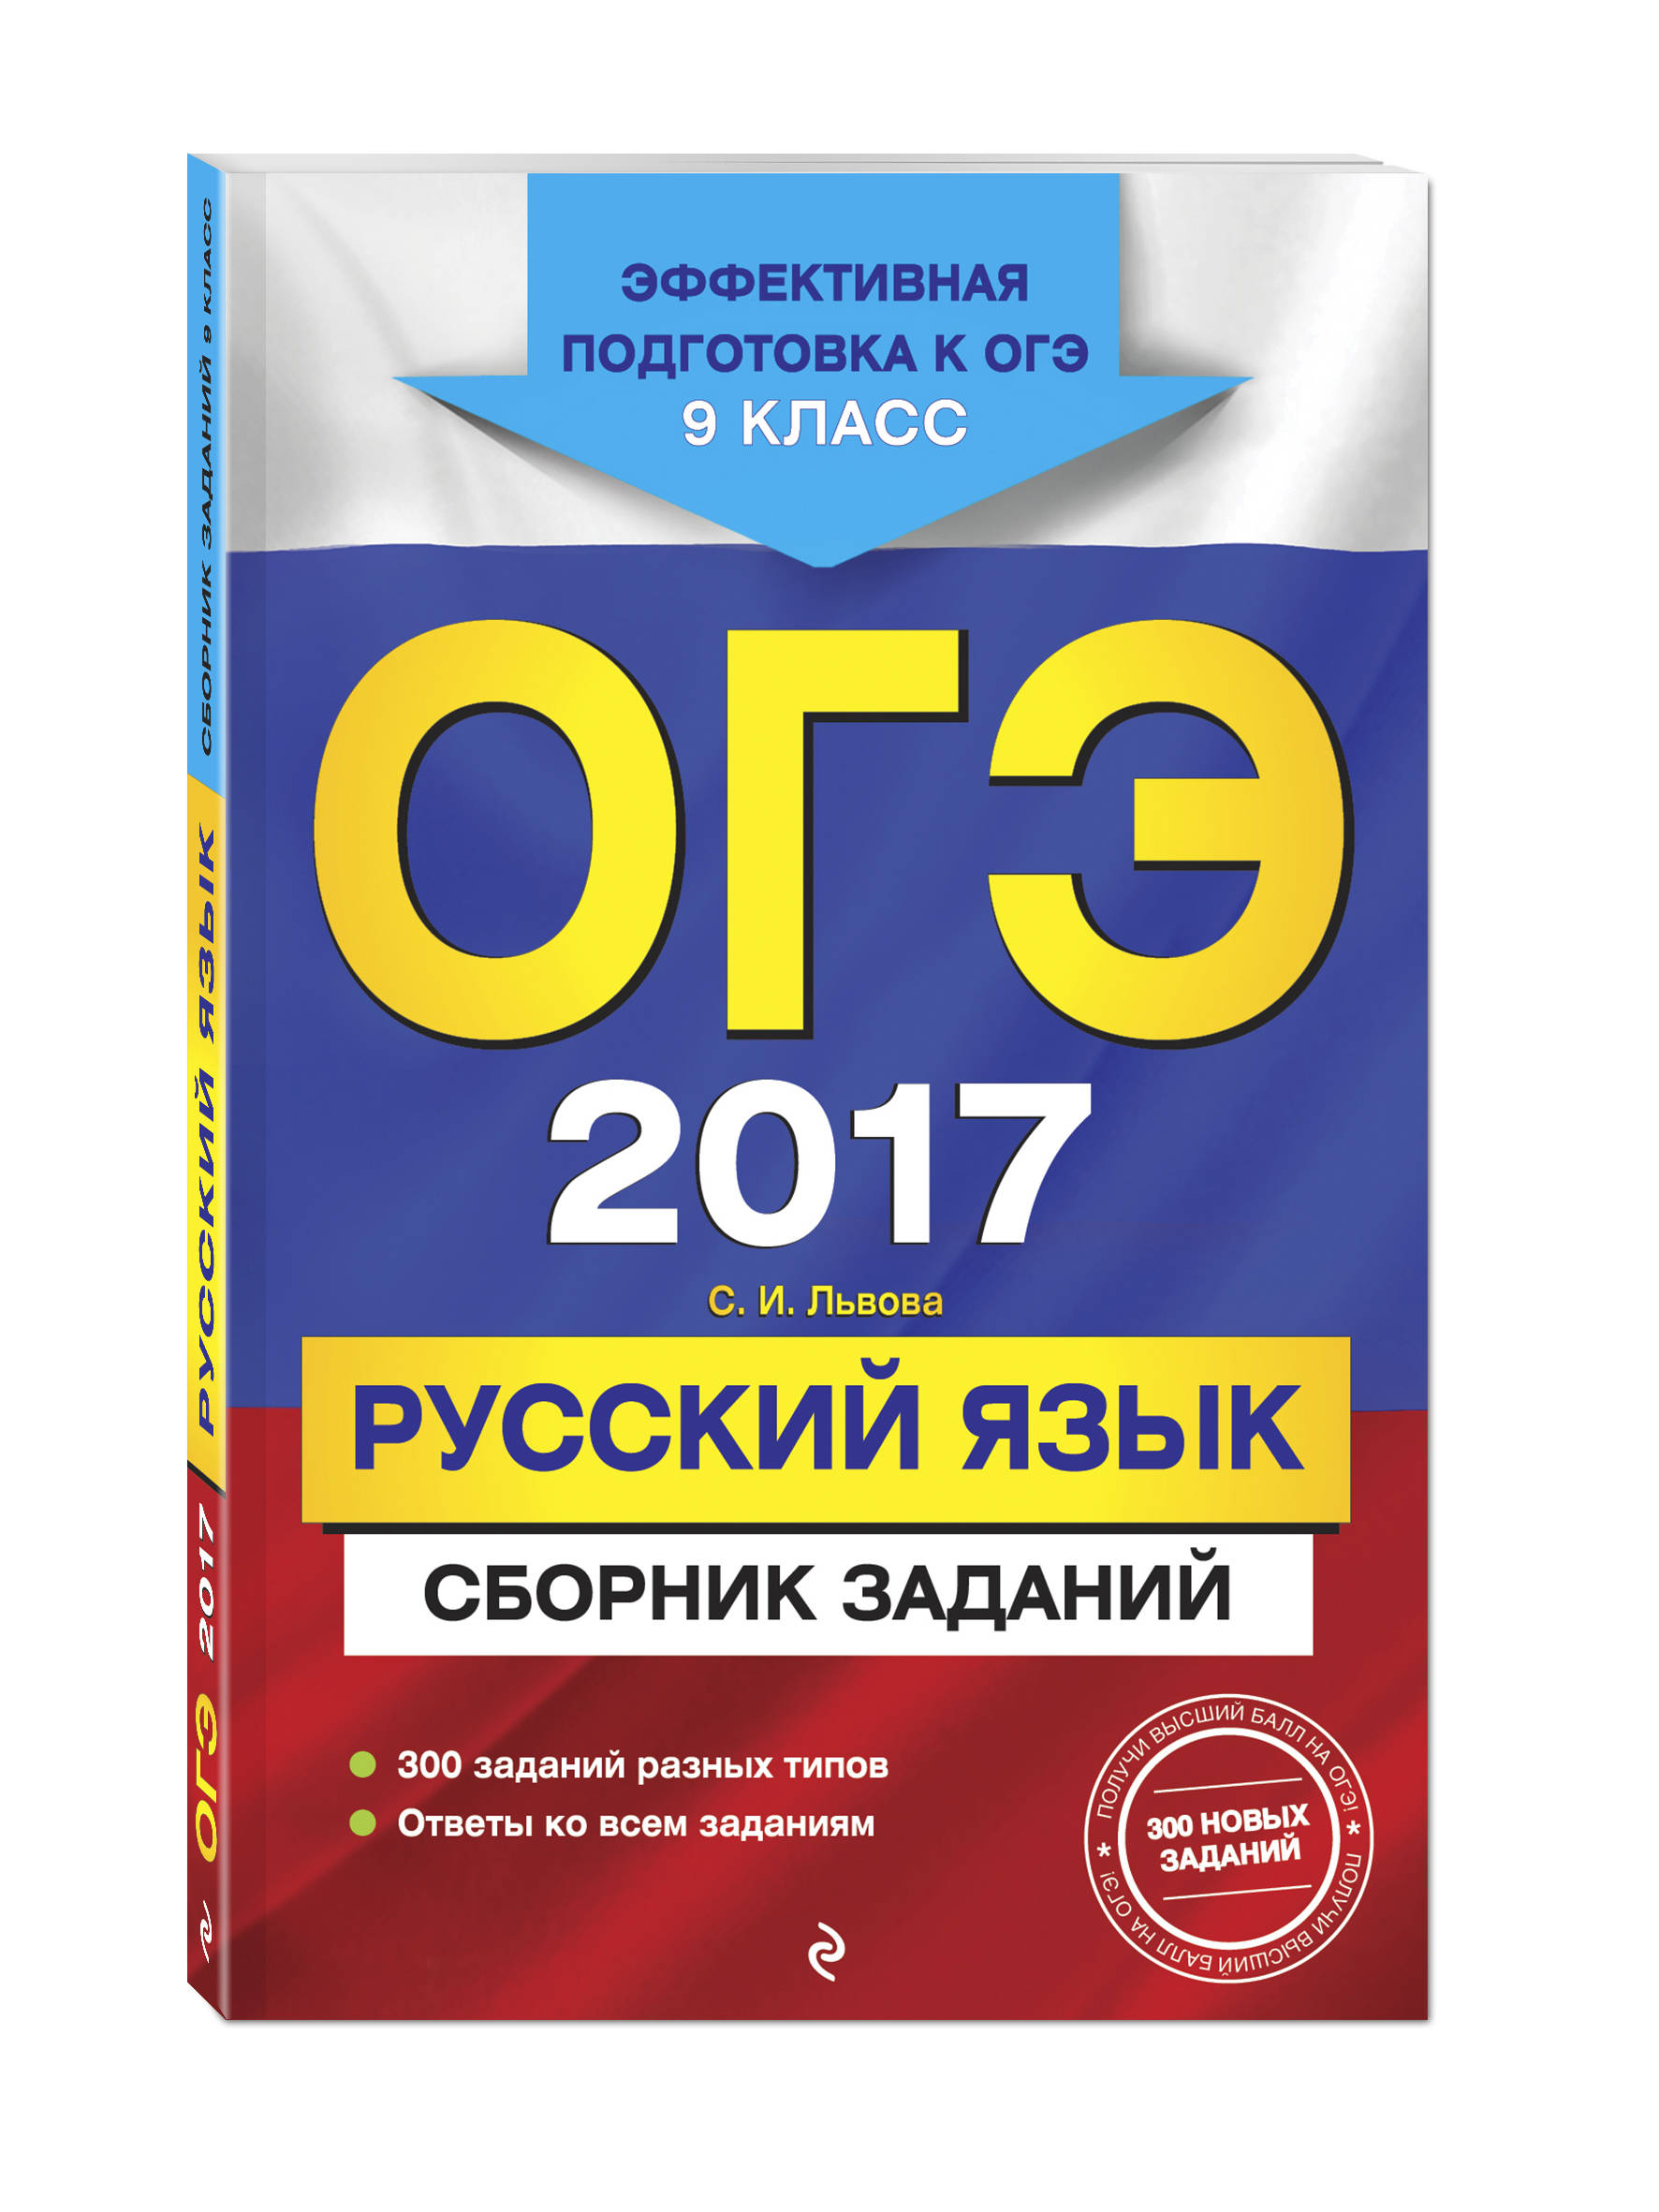 ОГЭ-2017. Русский язык : Сборник заданий : 9 класс от book24.ru